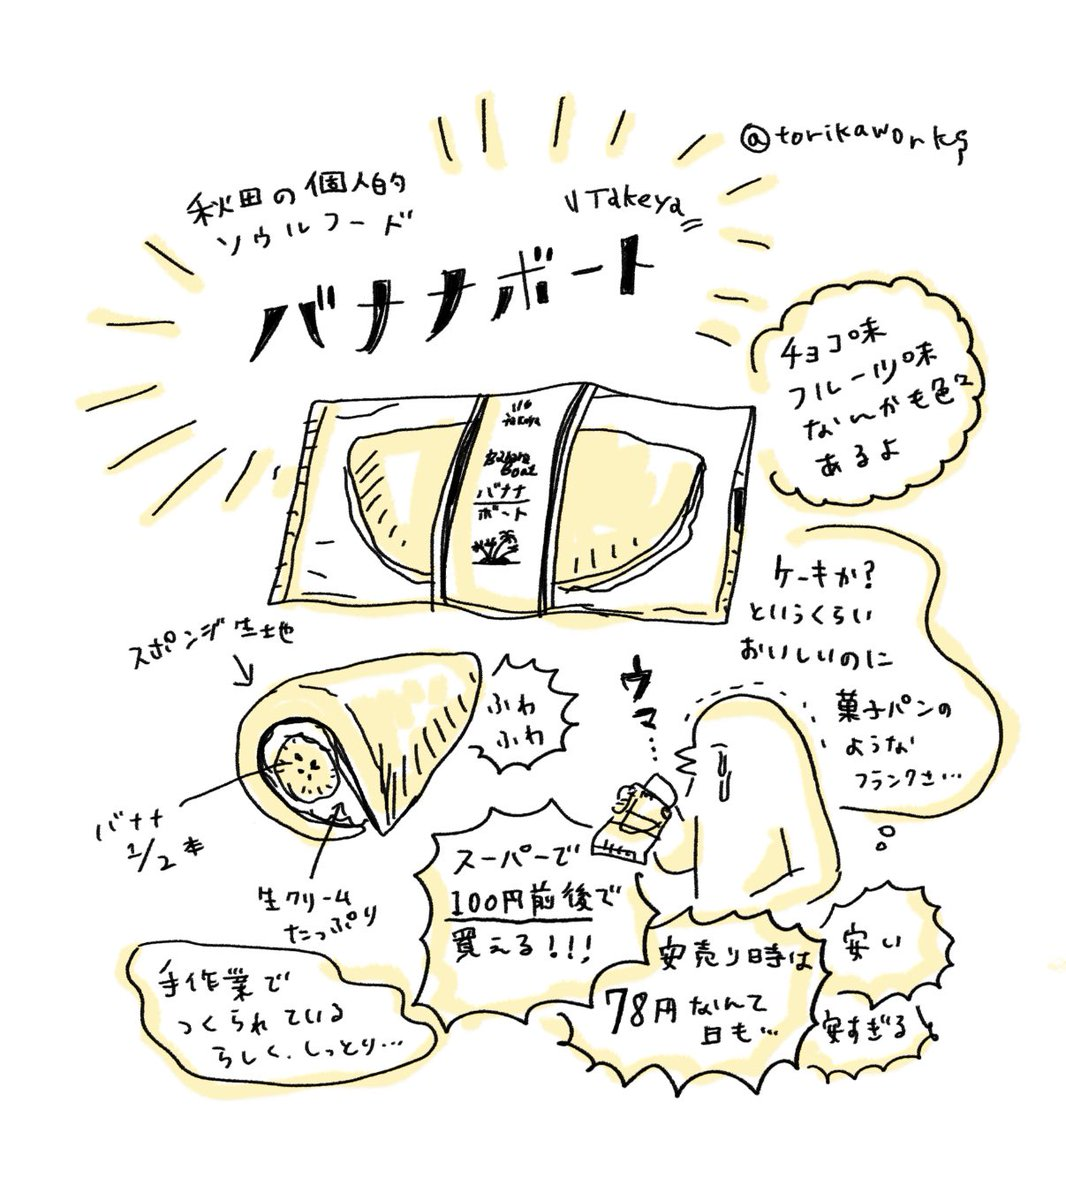 バナナボートって知ってる?秋田県のソウルフードの一つらしい…!